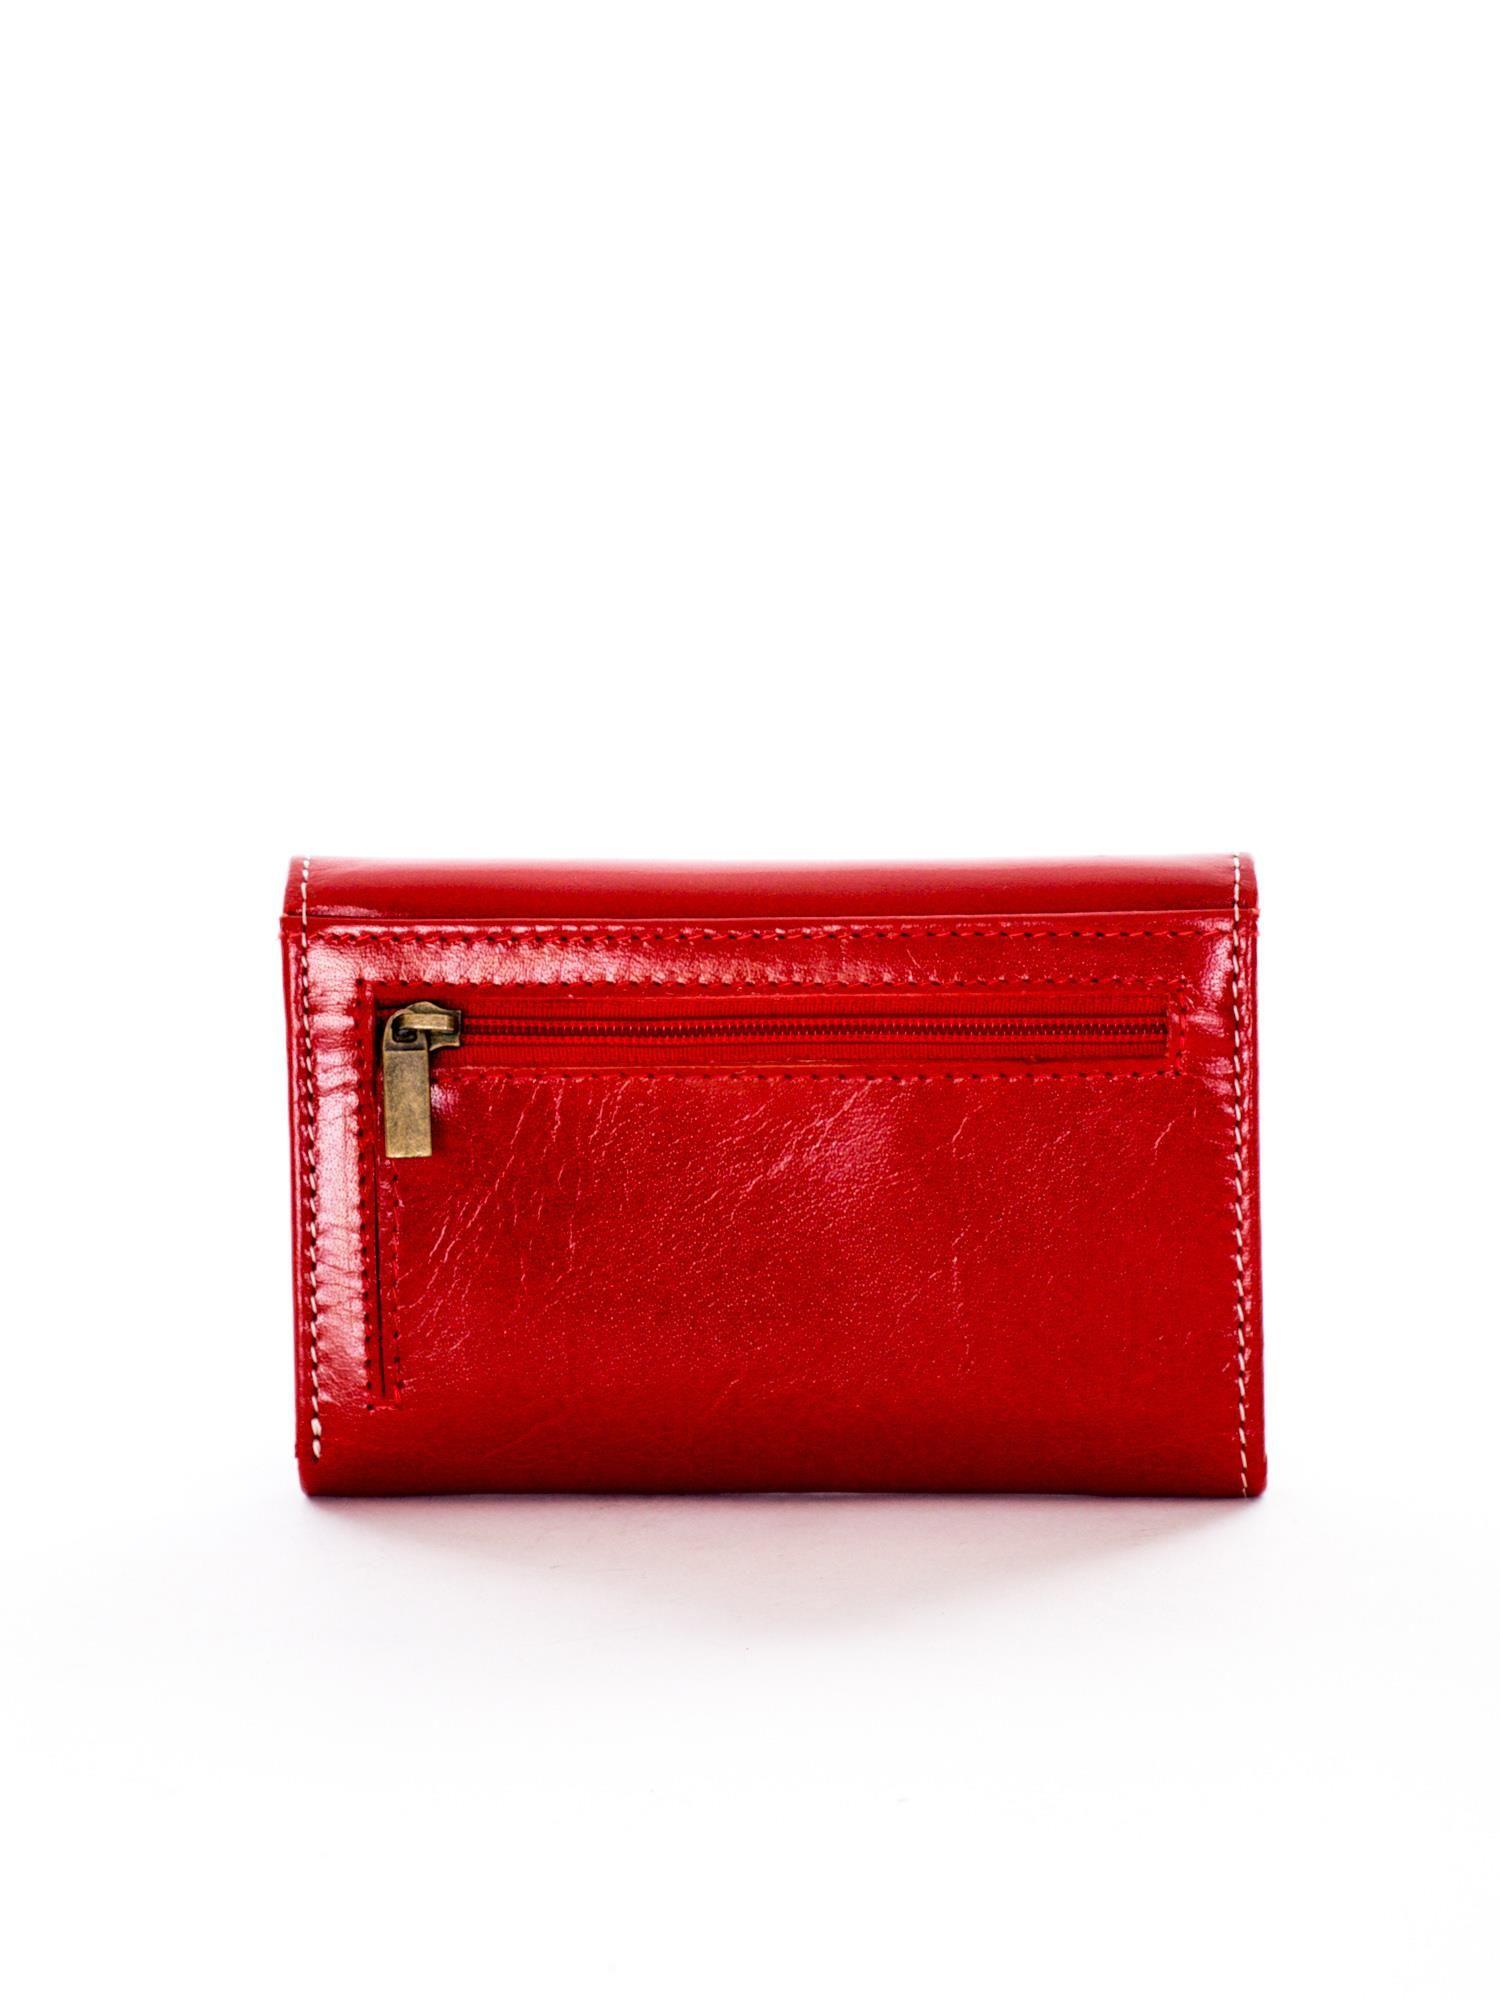 9a0f6d7a6fe19 Czerwony portfel skórzany damski - Akcesoria portfele - sklep eButik.pl